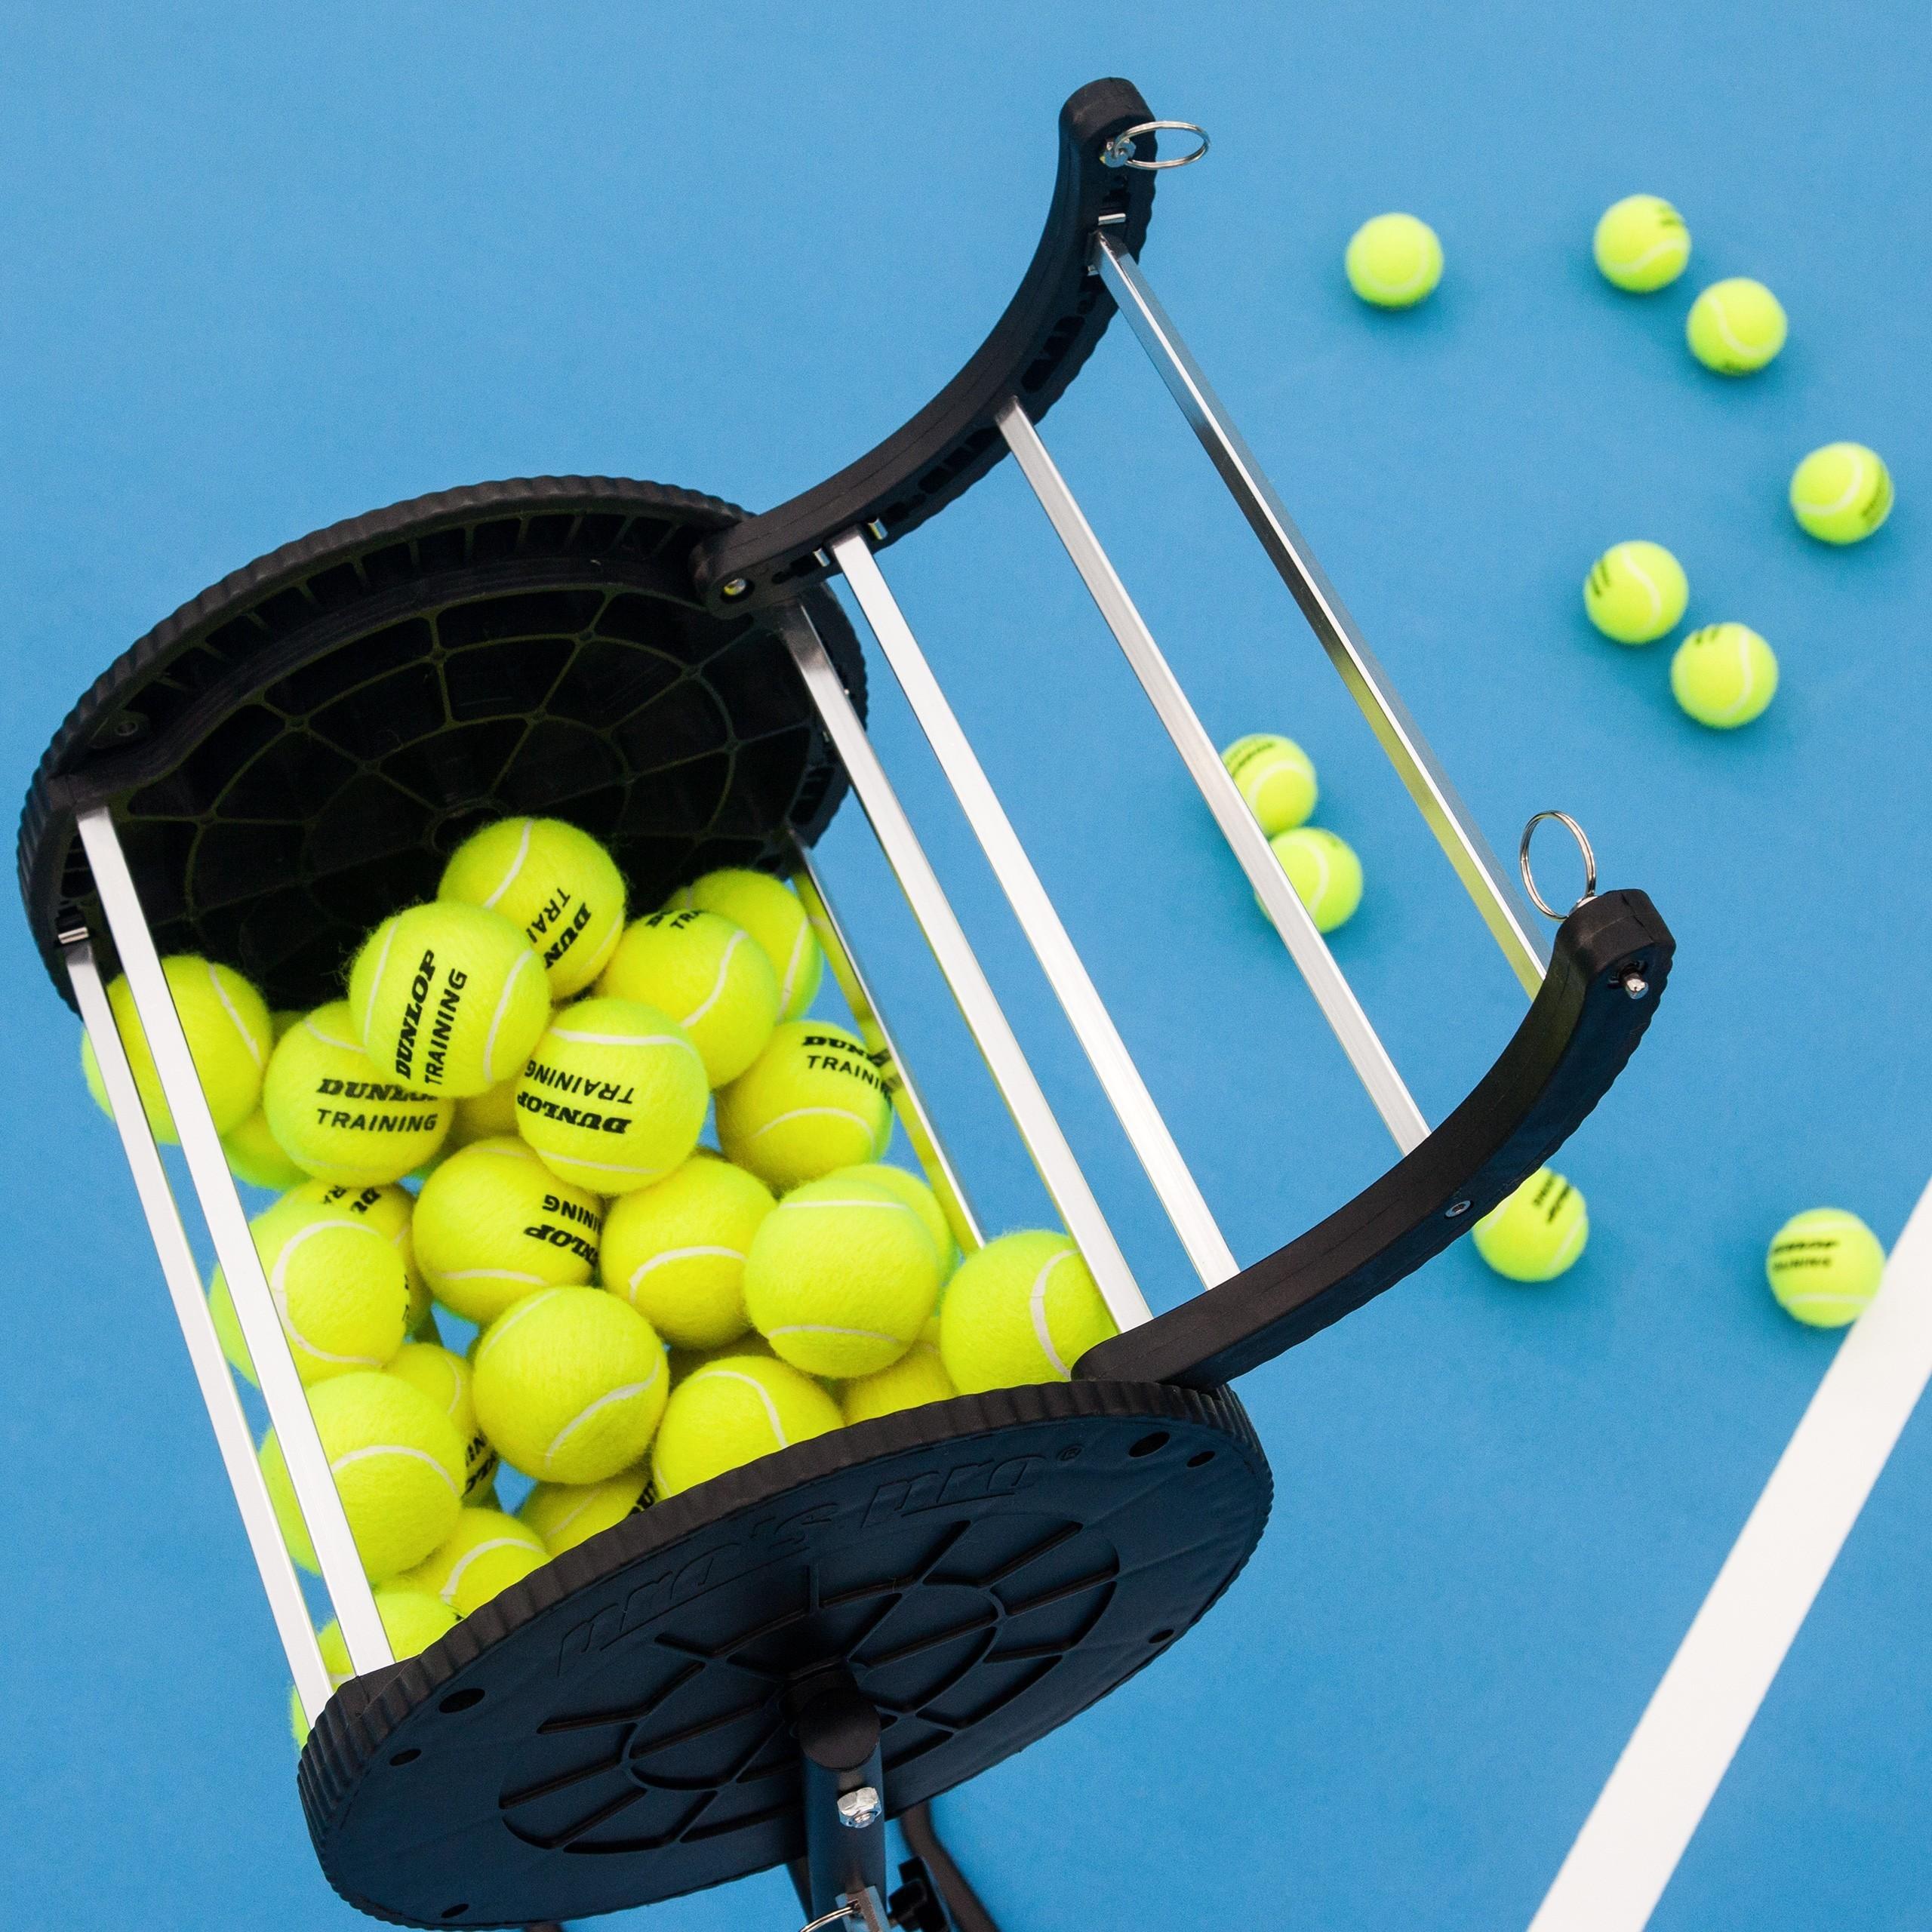 Tennis Ball Roller Mower's Hopper